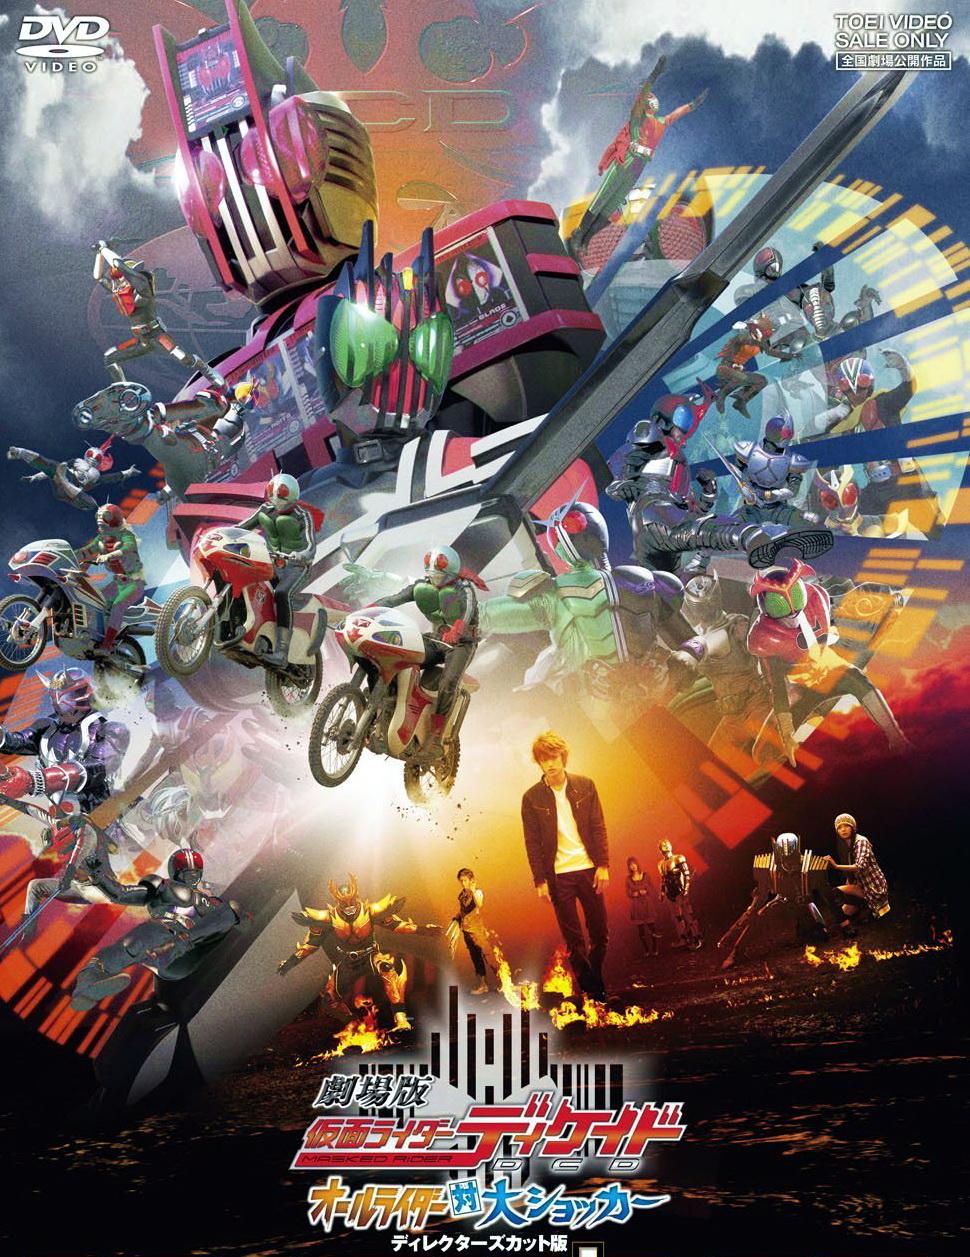 Download Kamen Rider Movie : download, kamen, rider, movie, Kamen, Rider, Decade, Series, (Complete)